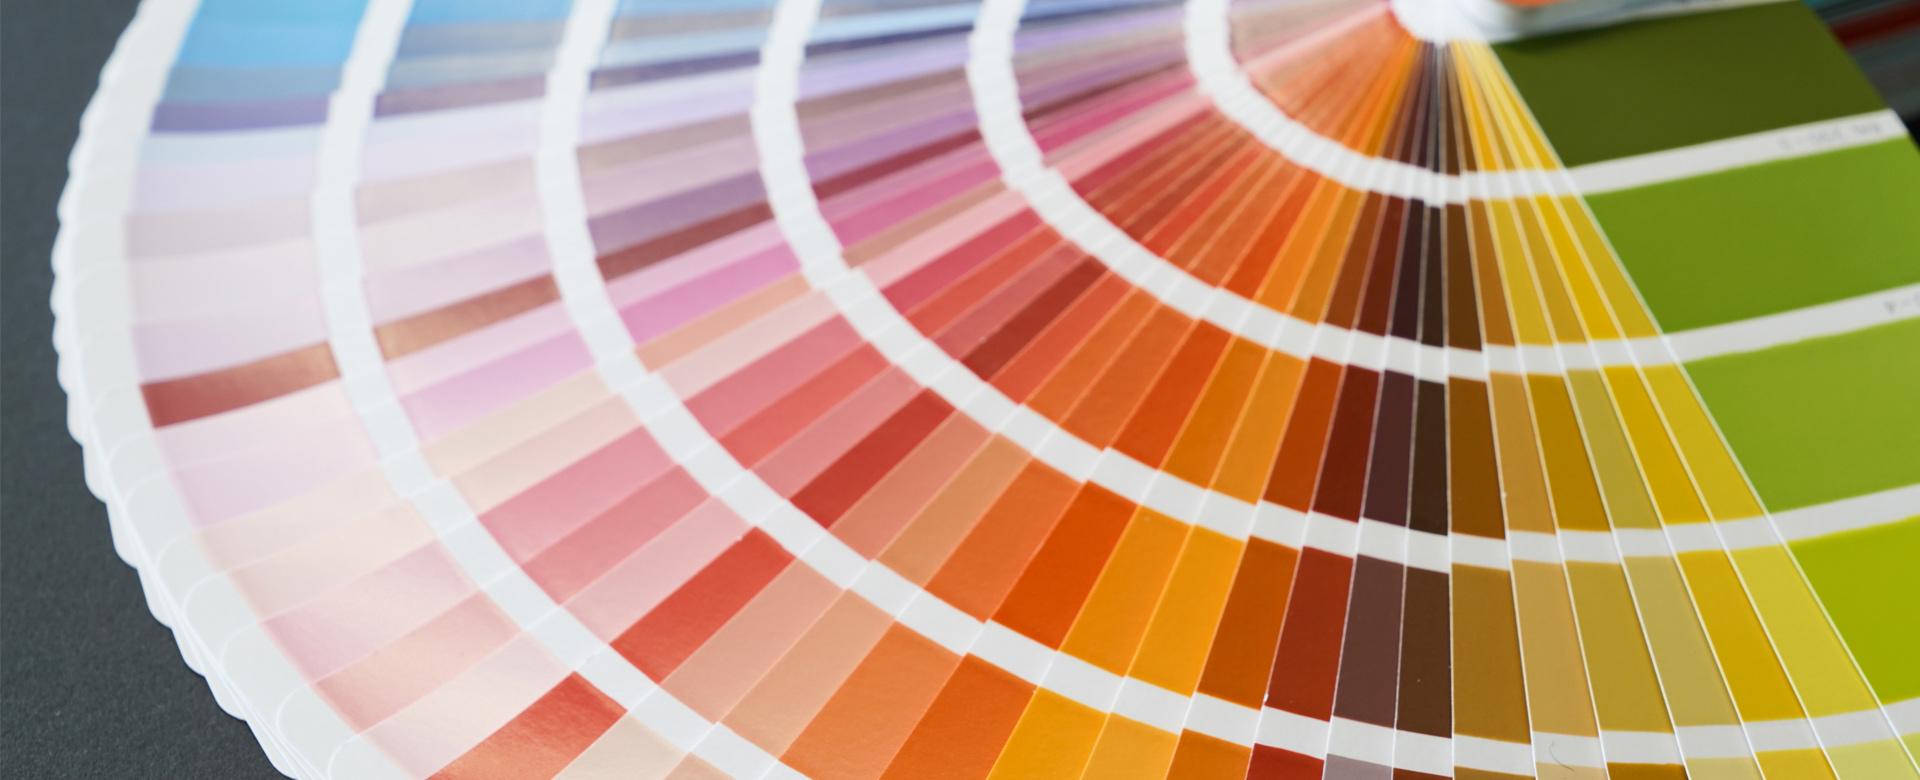 Fächer mit bunten Farbmustern